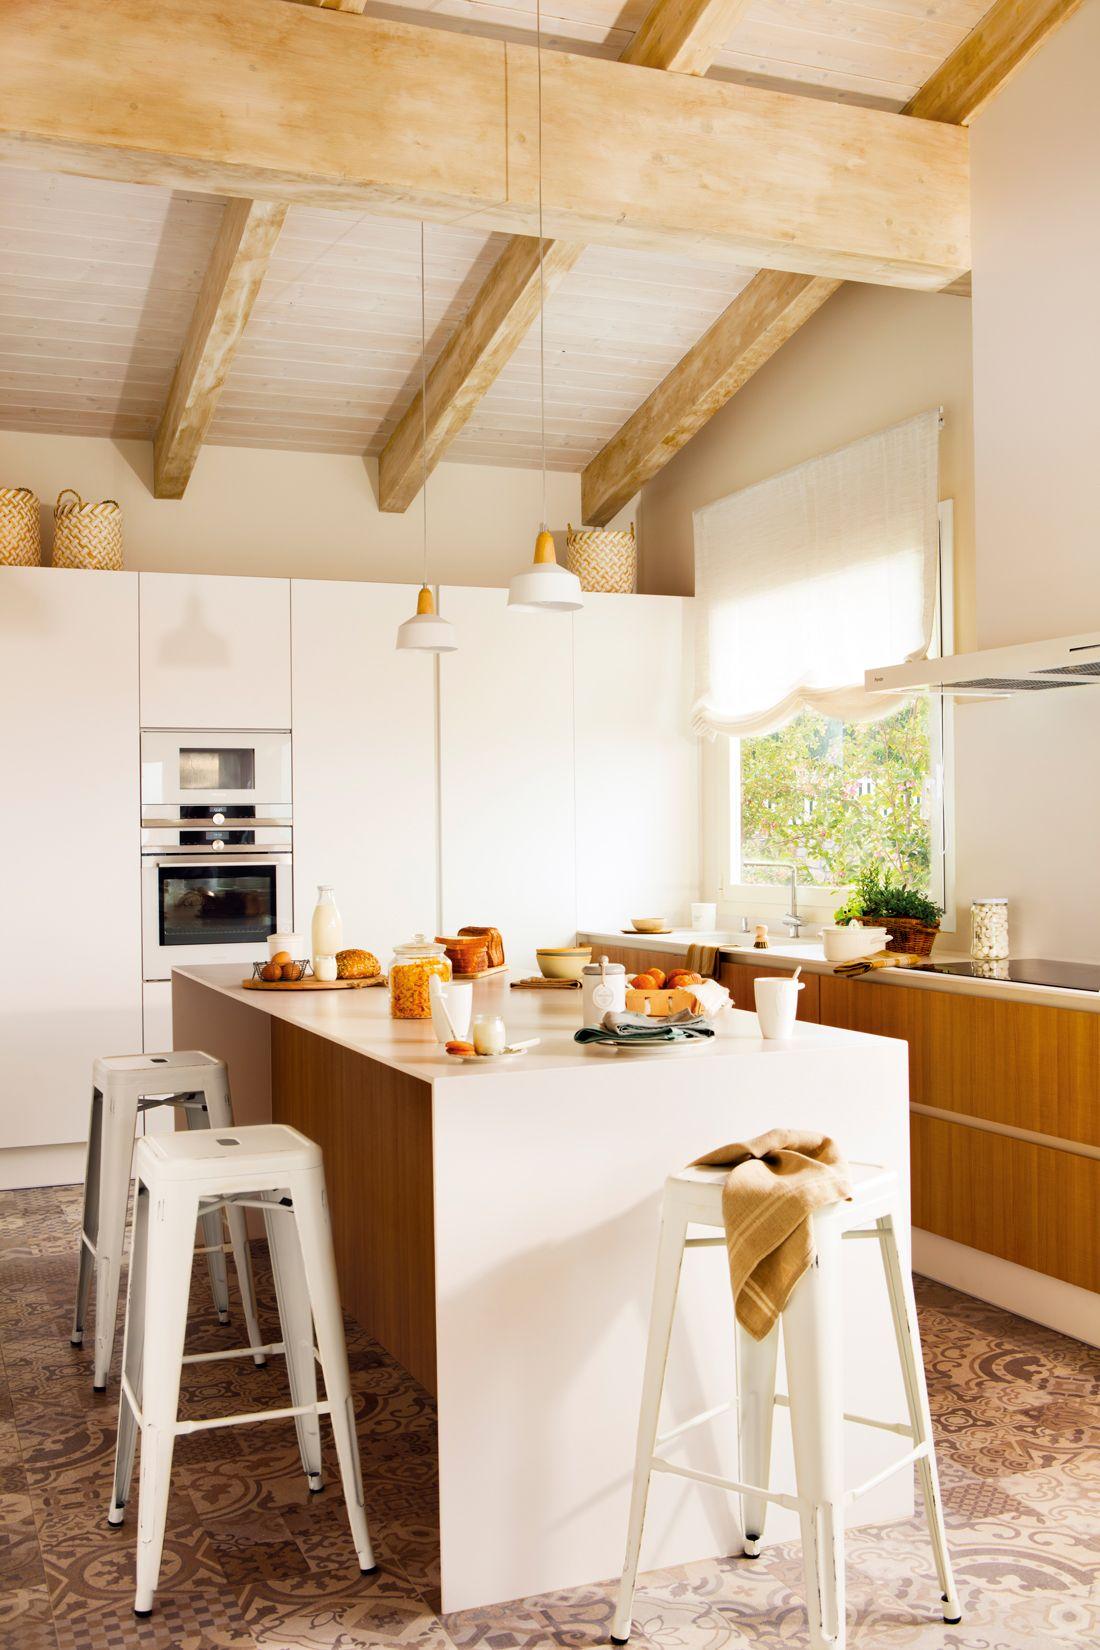 00449815. Cocina con isla en blanco y madera, taburetes metálicos y ...